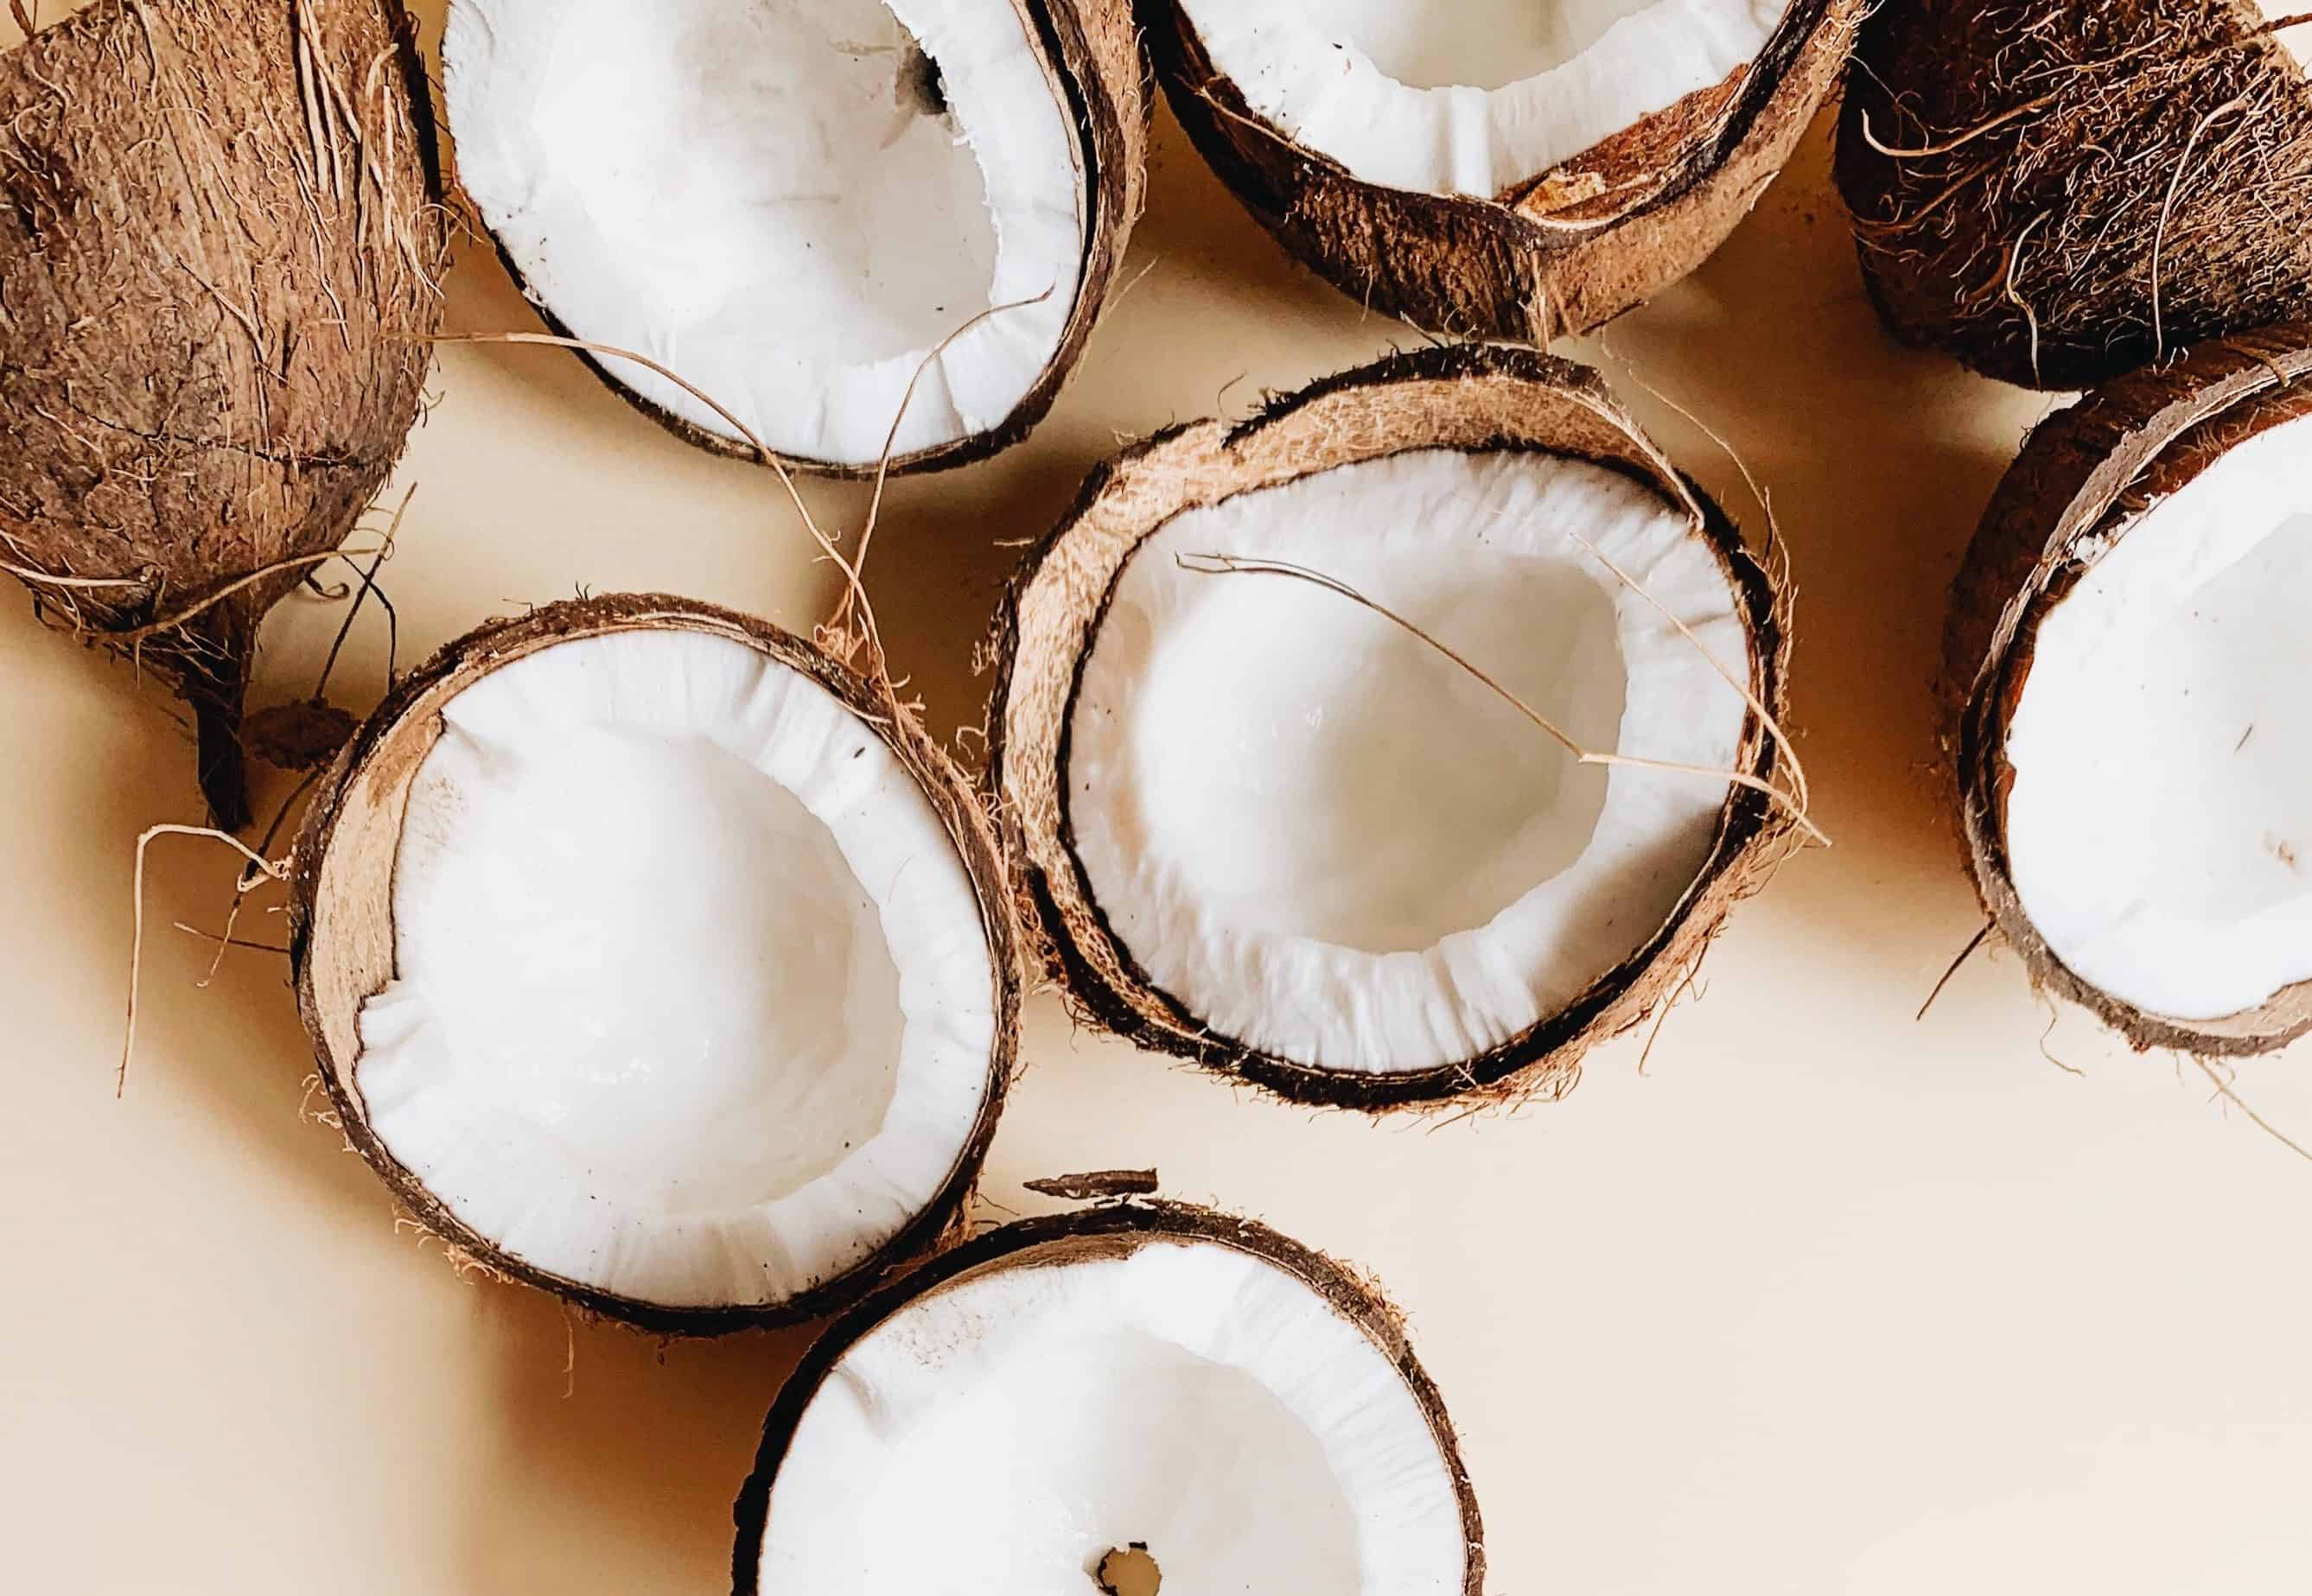 Kokosmilch: Test & Empfehlungen (01/20)